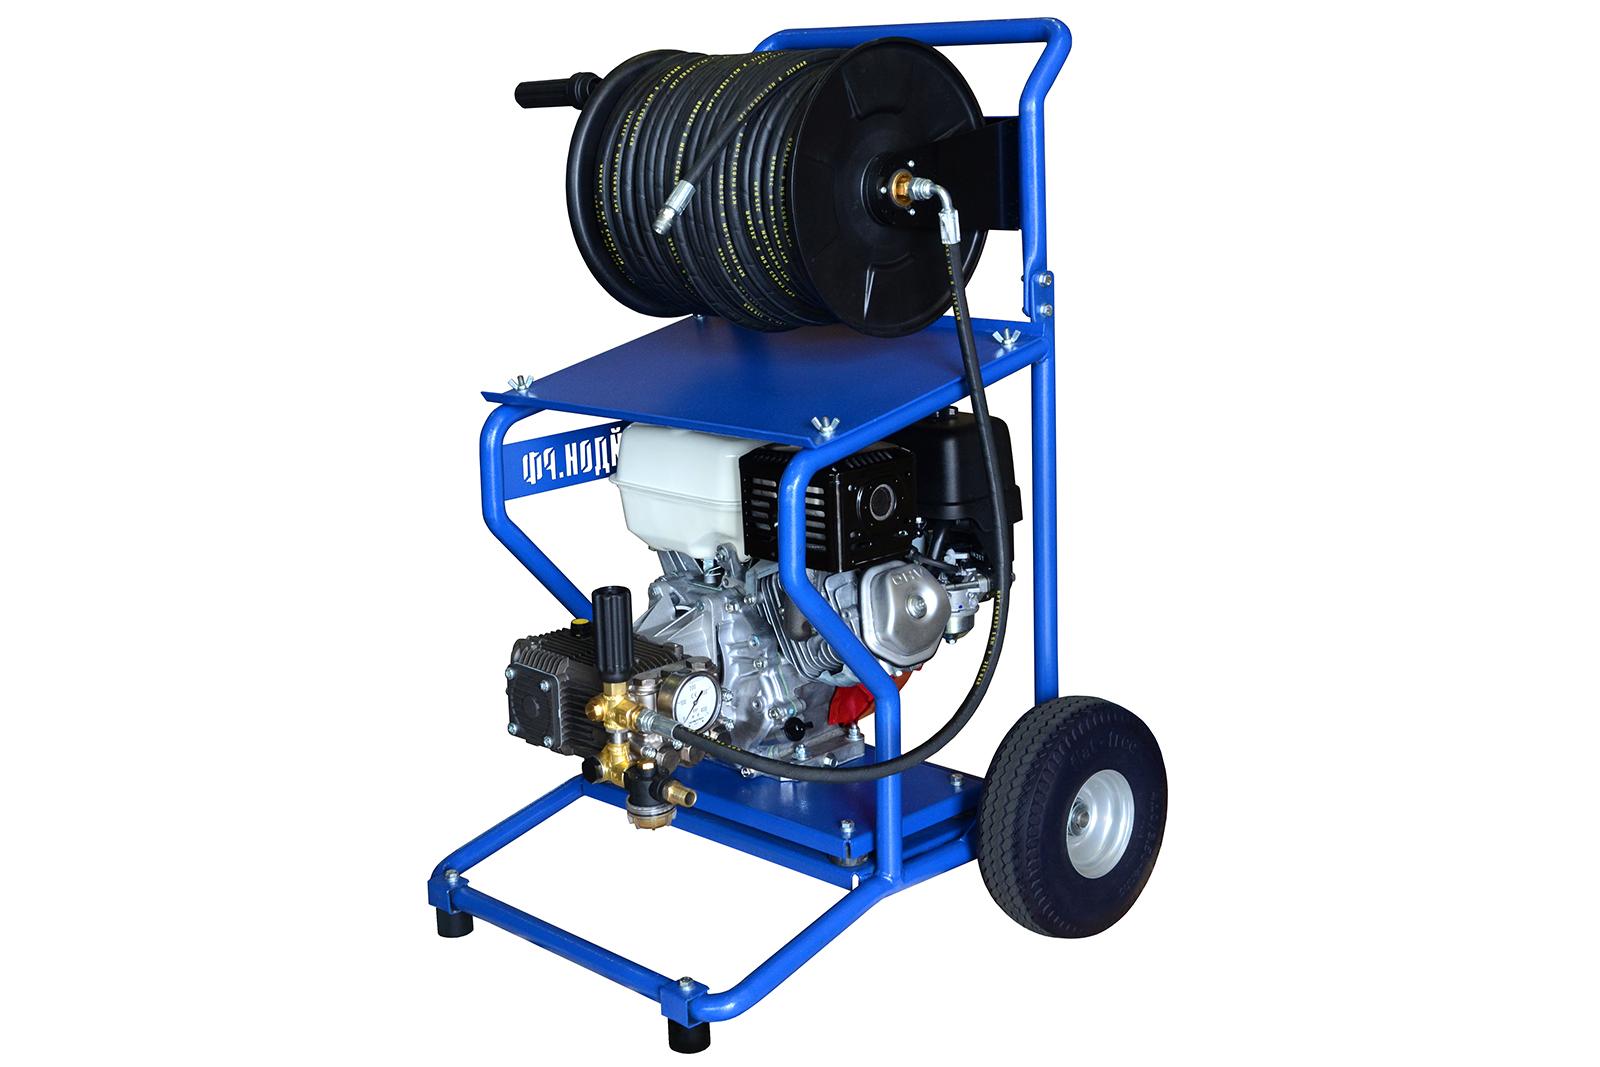 Мойка высокого давления ПОСЕЙДОНПрочистное оборудование<br>Тип прочистного оборудования: прочистная машина,<br>Тип двигателя: бензиновый,<br>Длина шланга: 60<br>